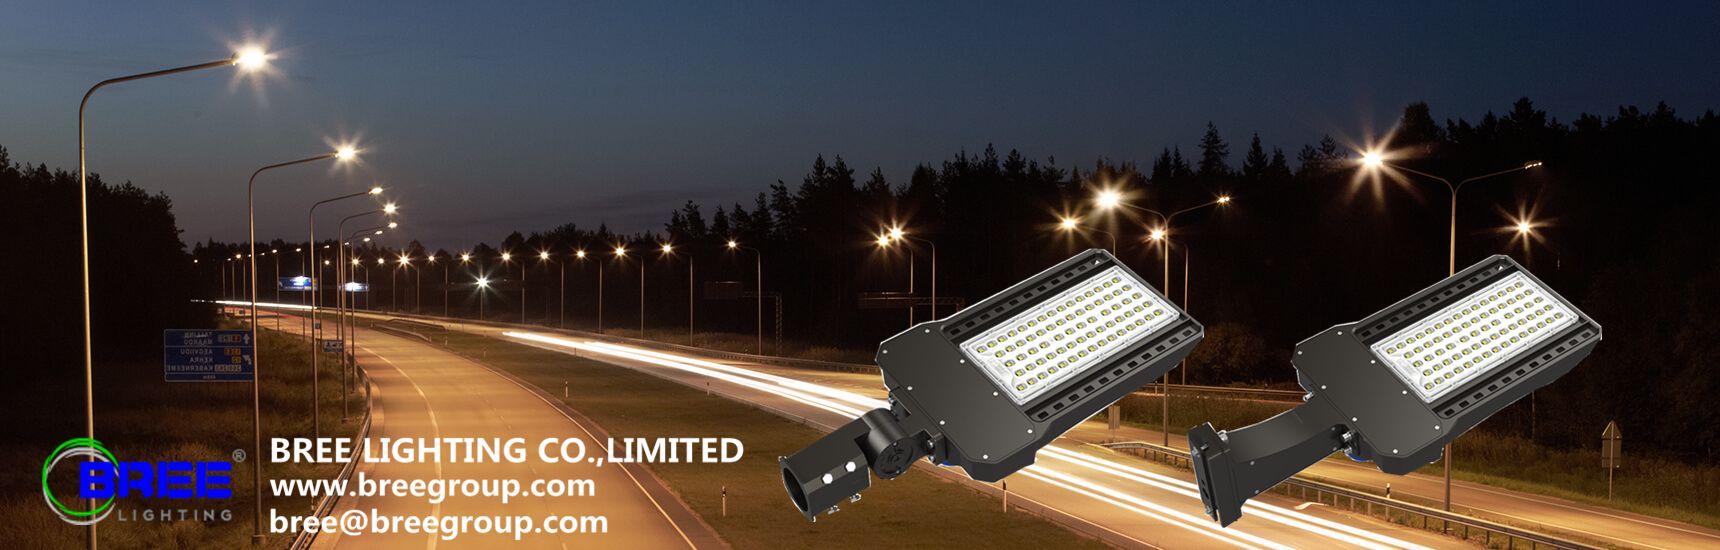 60w Led Street Light In 2020 Led Street Lights Street Light Led Parking Lot Lights